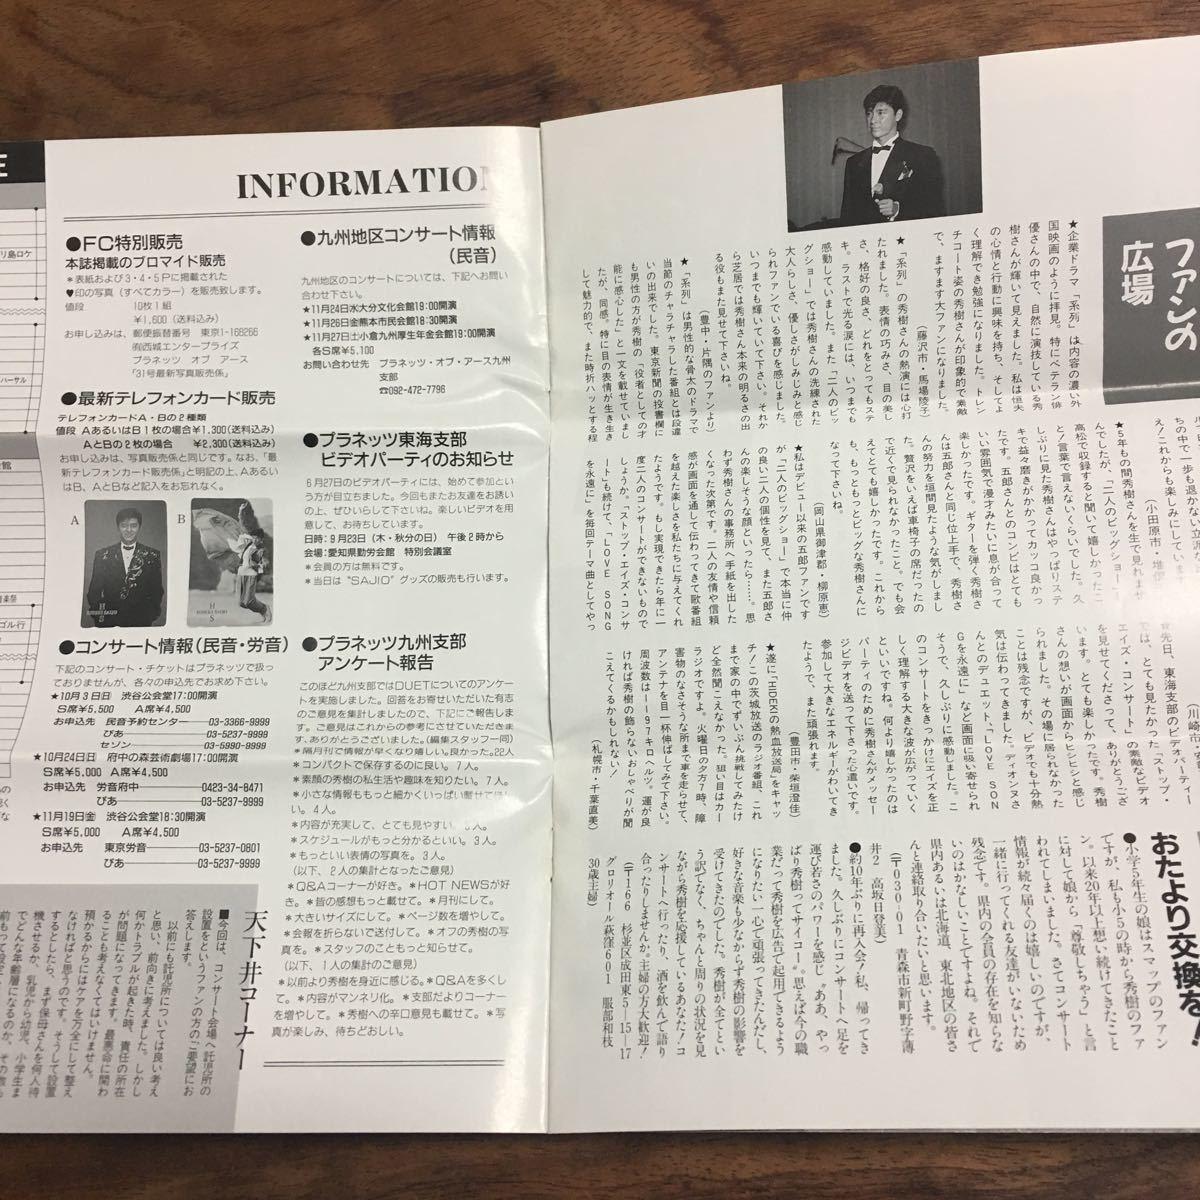 西城秀樹 ファンクラブ会報誌 DUET 1993 vol 31_画像4